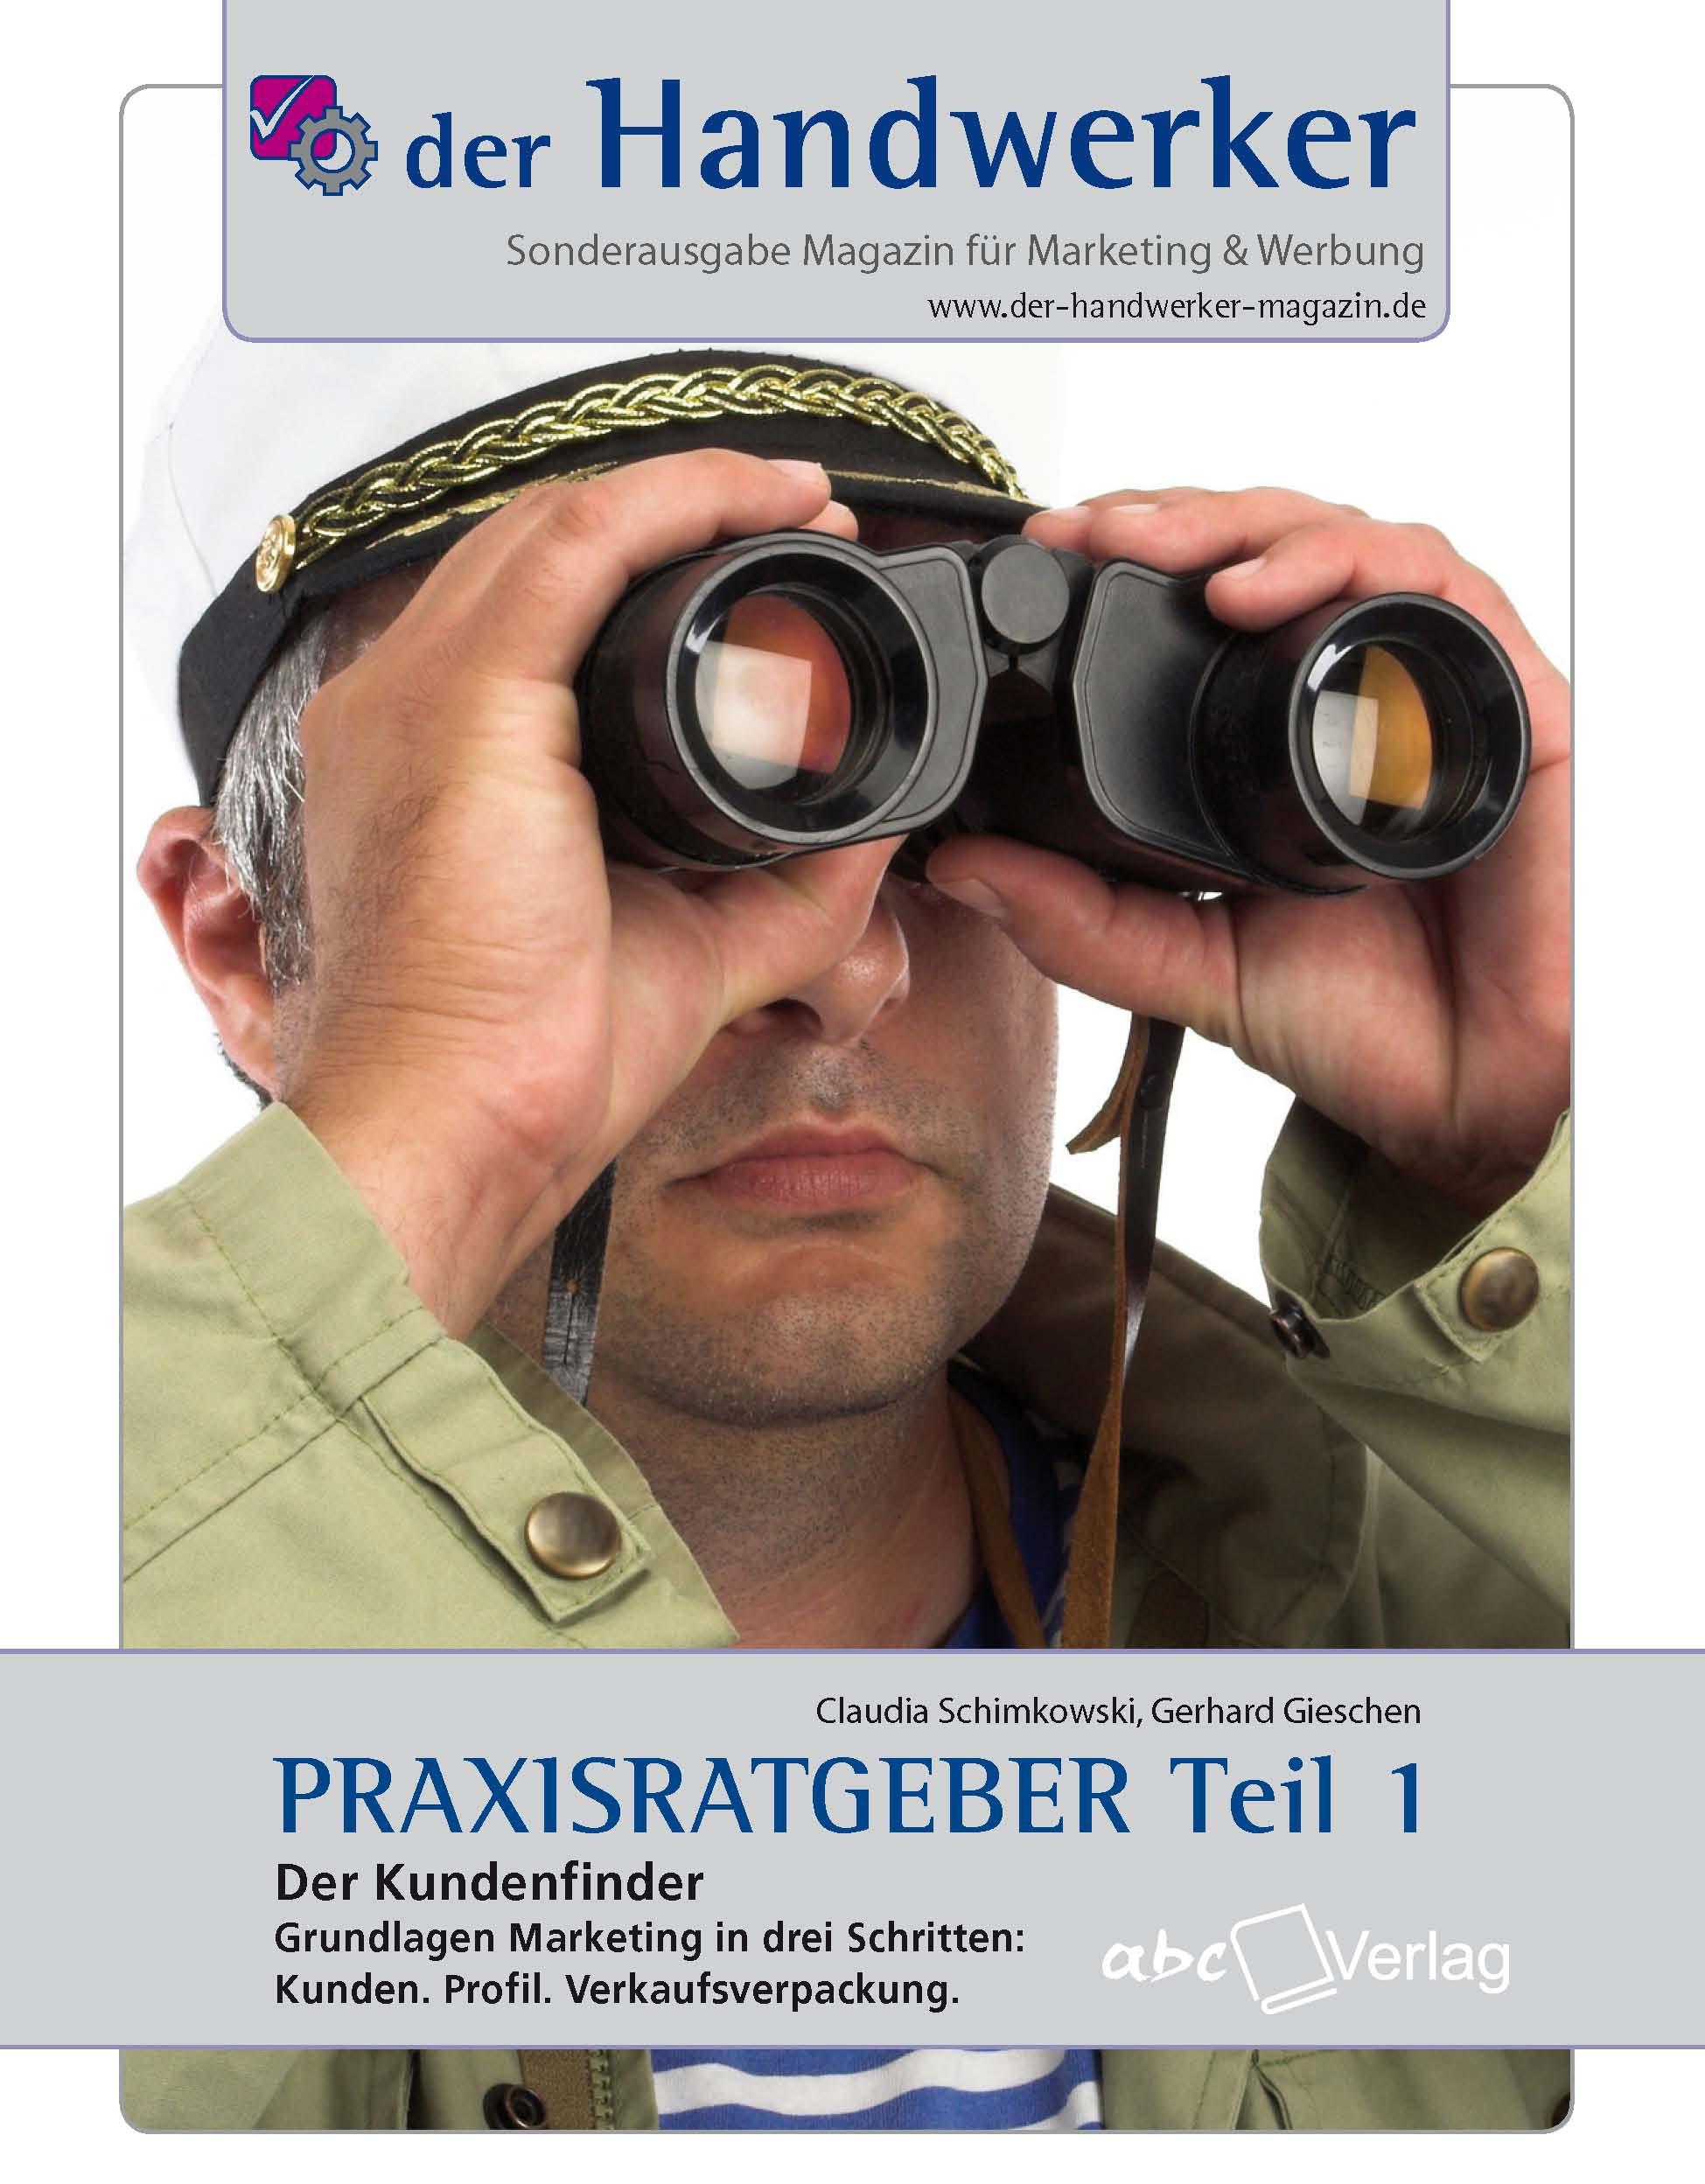 цена Gerhard Gieschen Der Handwerker - Praxisratgeber Teil 1